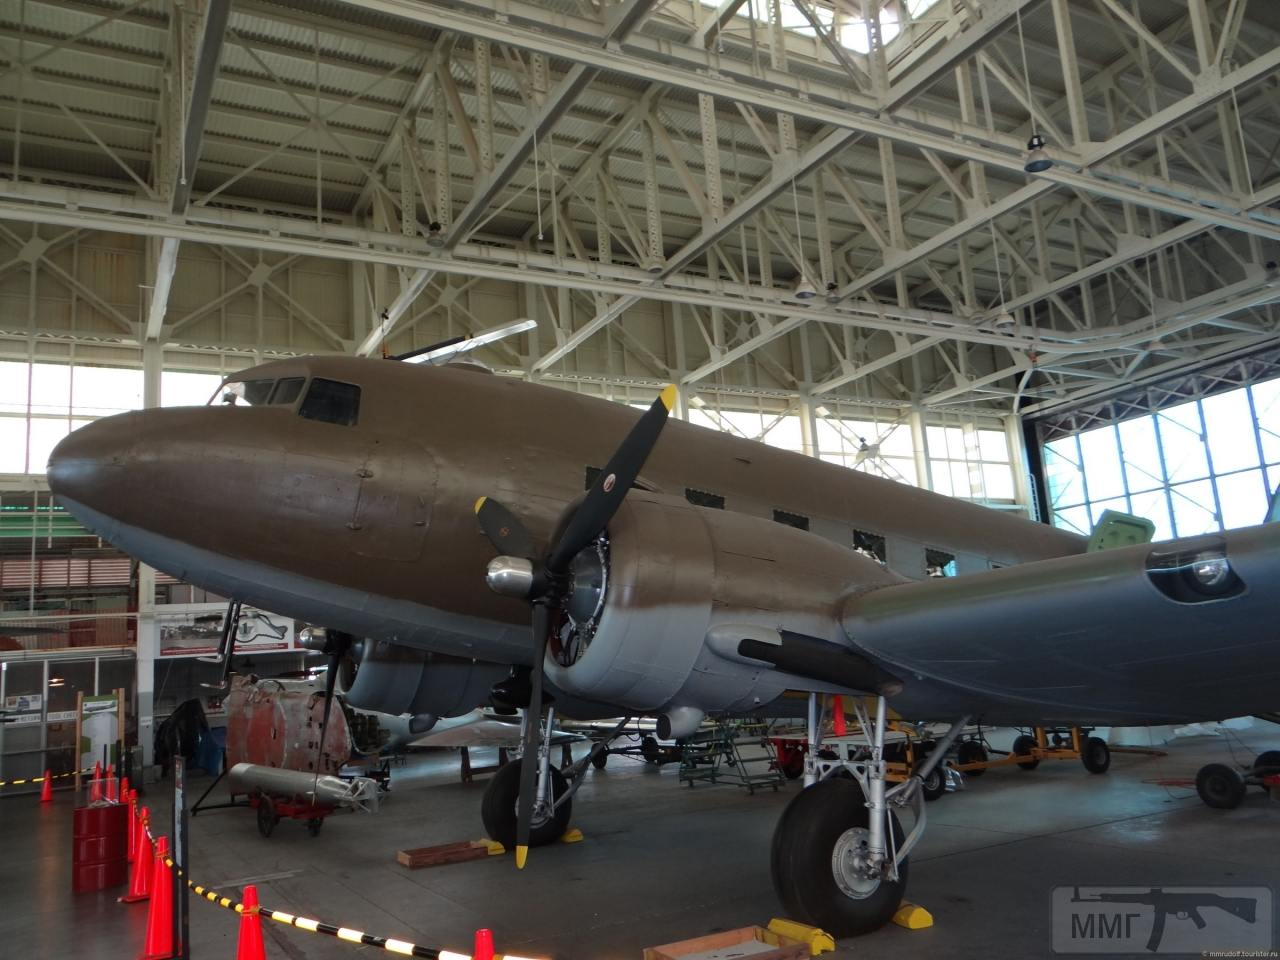 31993 - Тихоокеанский музей авиации «Пёрл-Харбор», Гонолулу